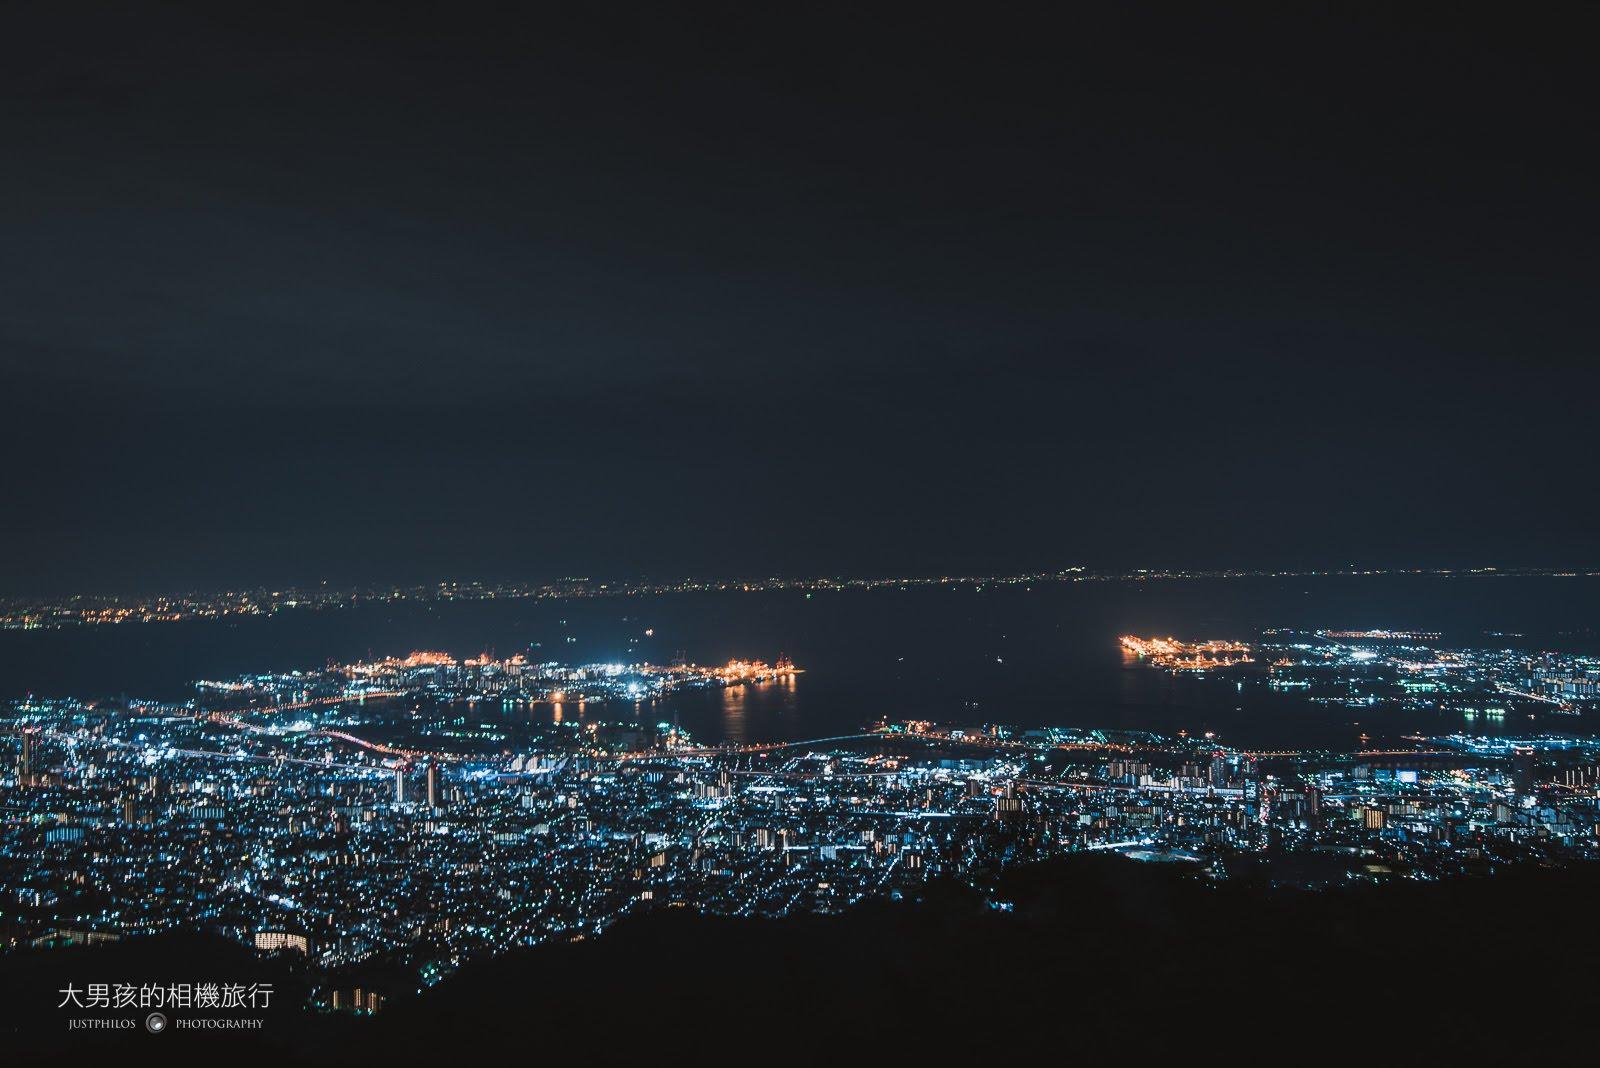 位於神戶市的摩耶山夜景是日本著名的三大夜景。